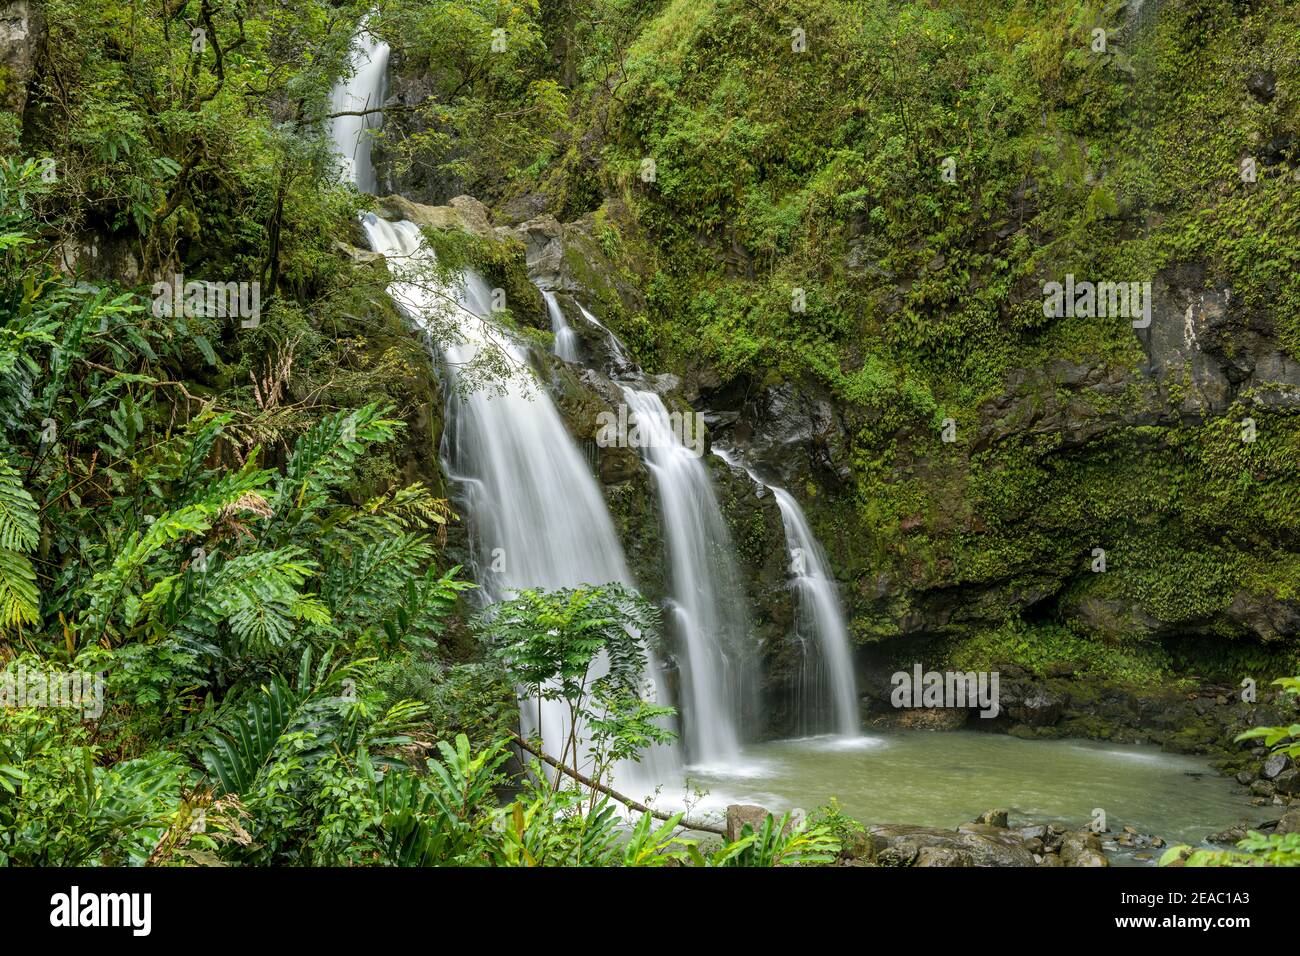 Cascate nella foresta pluviale - una vista ravvicinata di una cascata a più livelli all'interno di una fitta foresta pluviale sul lato di Road to Hana. Maui, Hawaii, Stati Uniti. Foto Stock